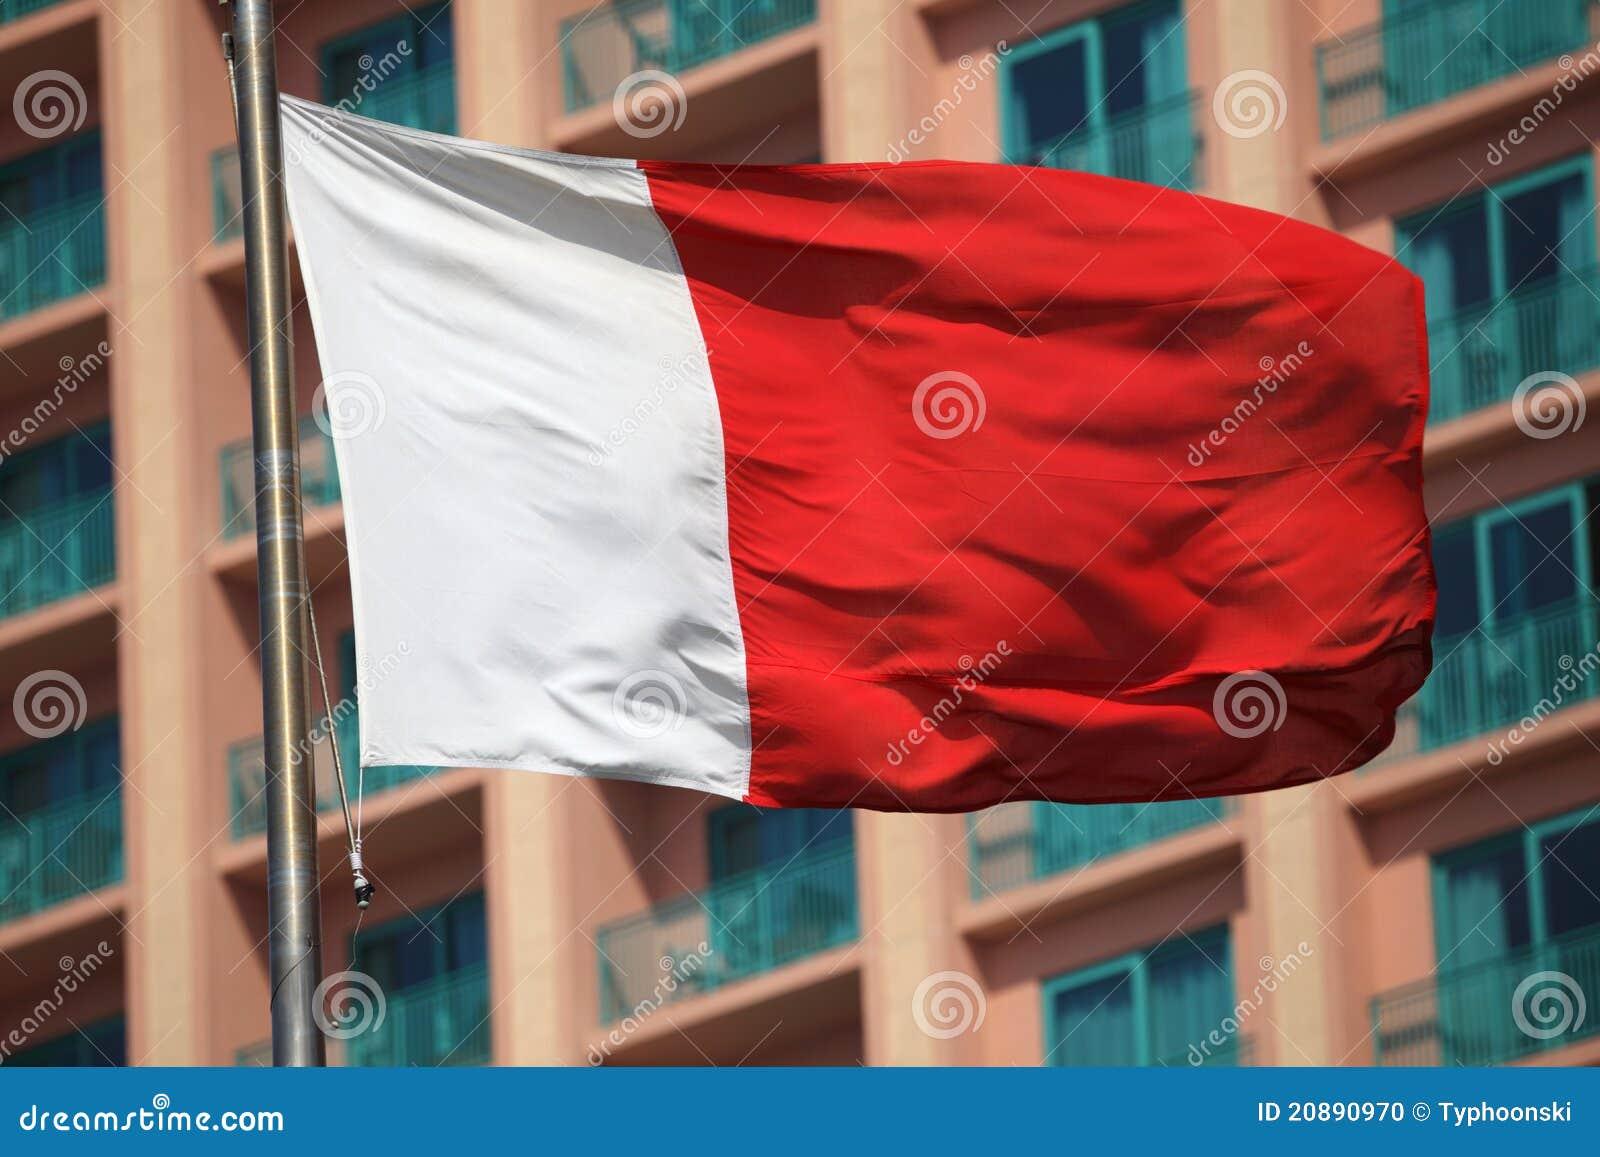 Флаг эмирата дубай отели в турции продаются